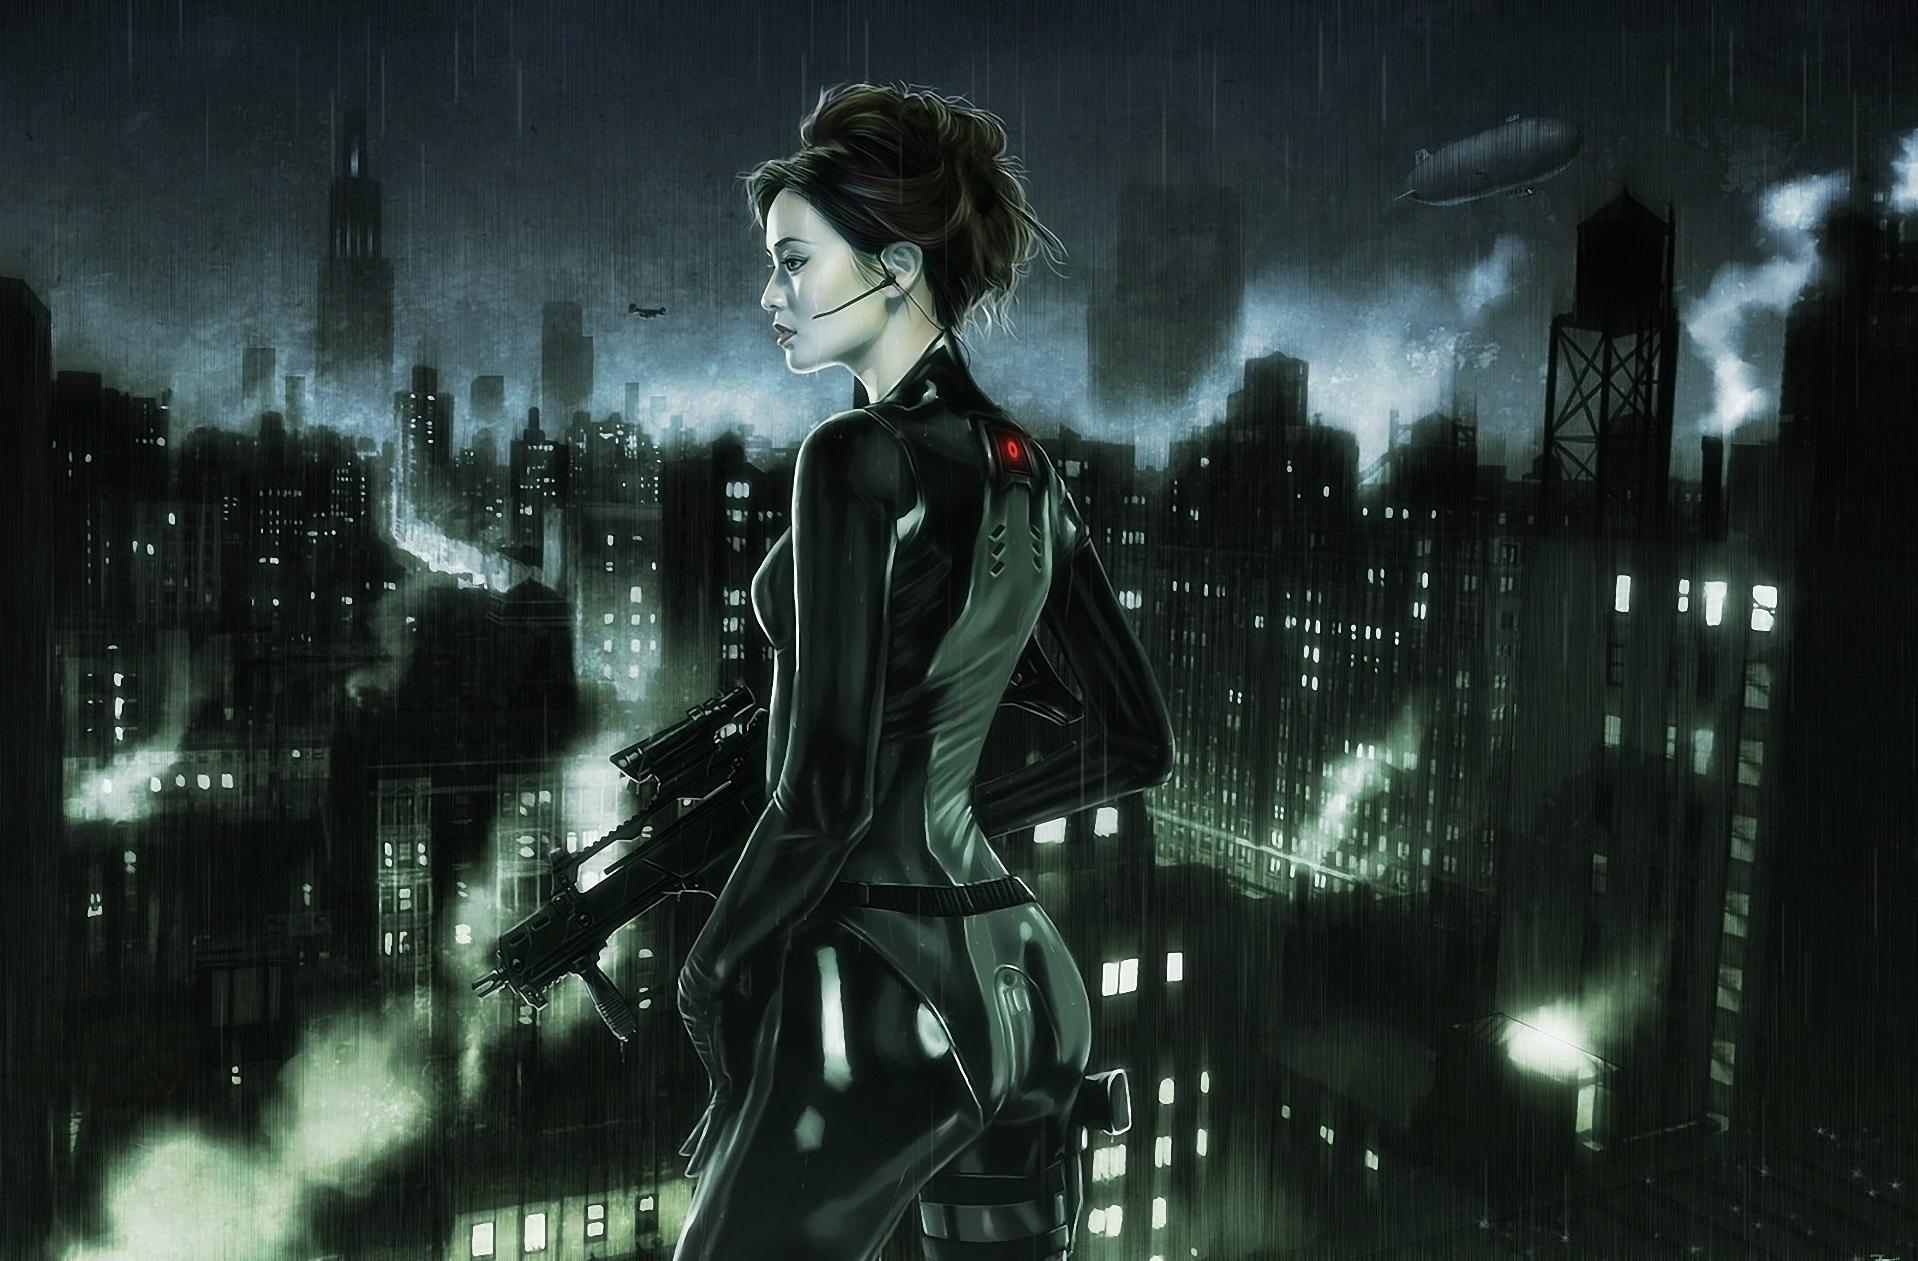 Women Warrior Artwork Sword Rain Cyberpunk Cyberpunk: Women Warrior Art